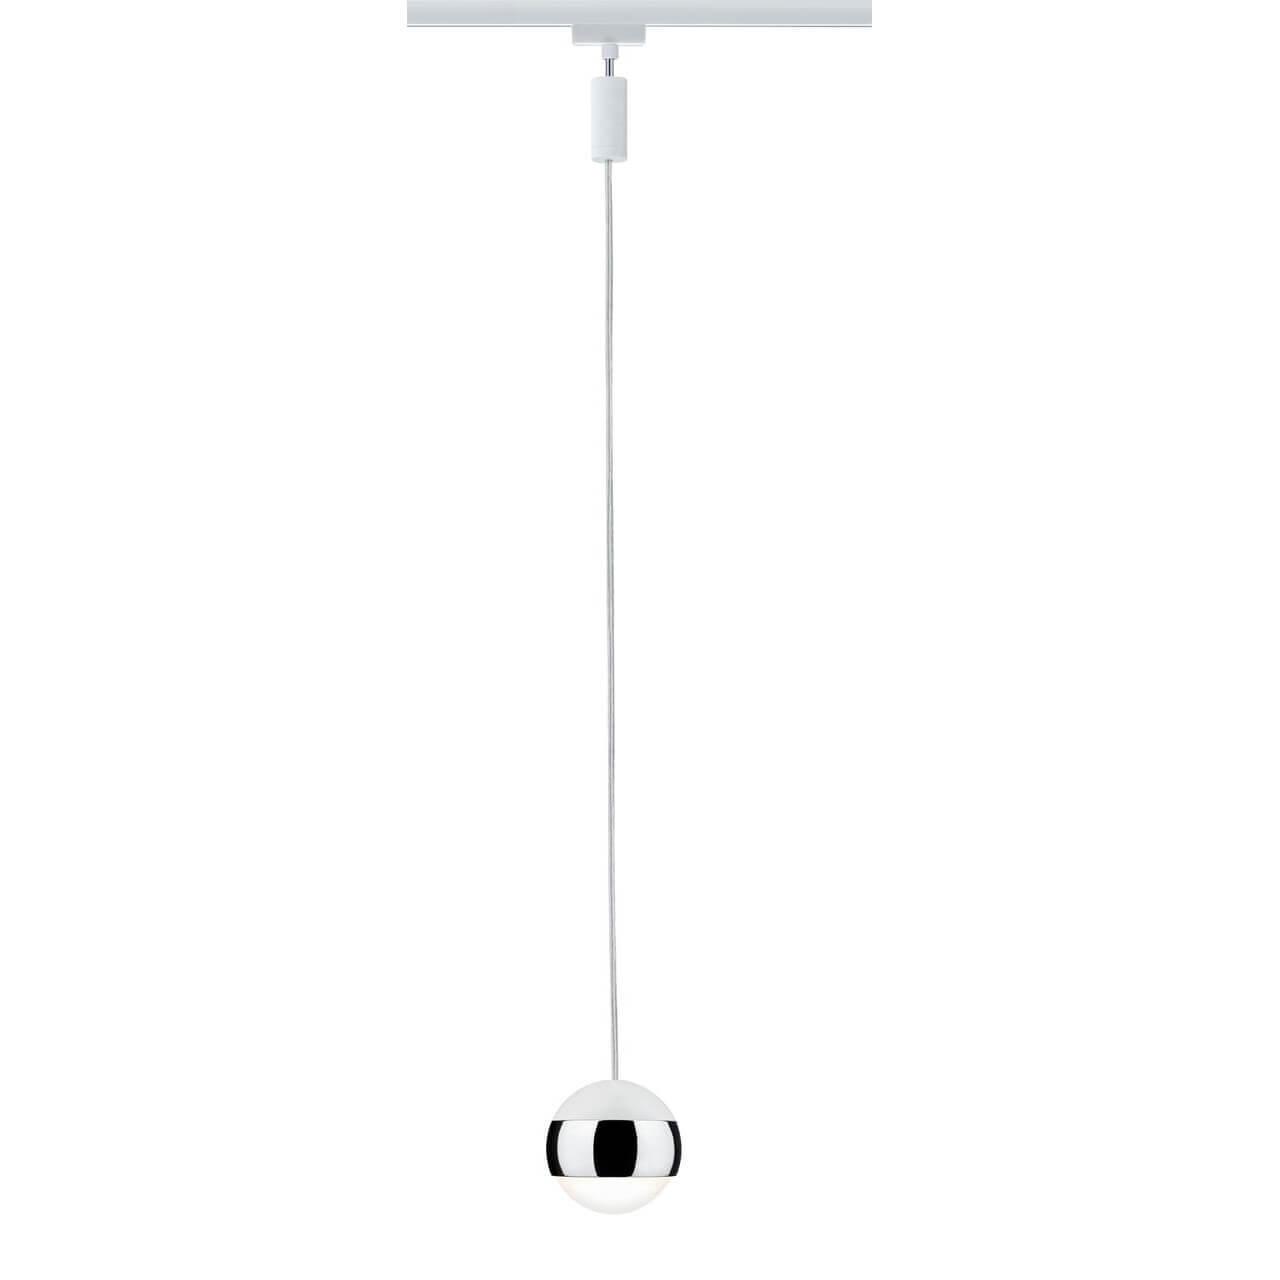 Трековый светодиодный светильник Paulmann URail CapsuleII 95458 трековый светодиодный светильник paulmann urail capsuleii 95456